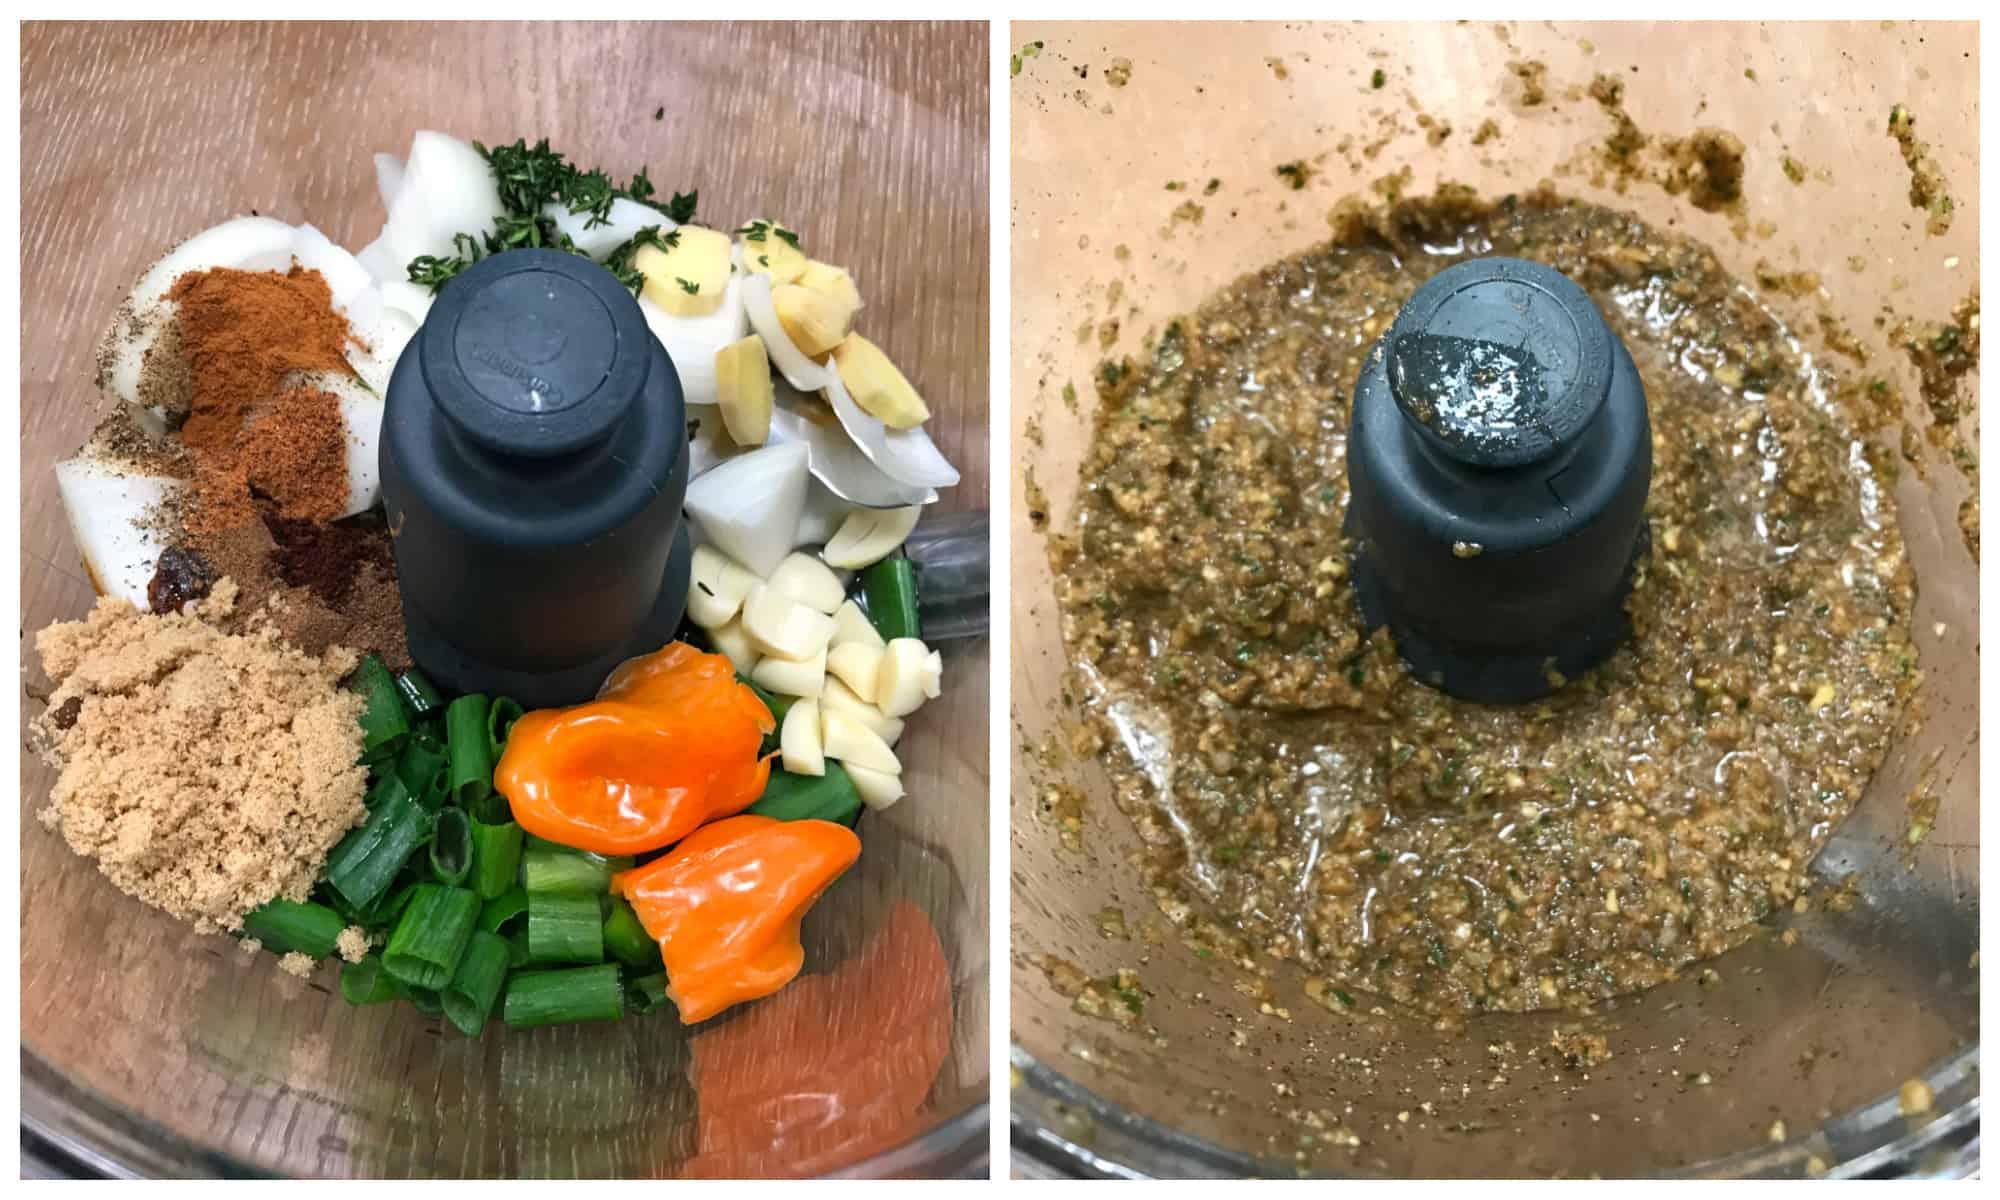 blending ingredients in a food processor